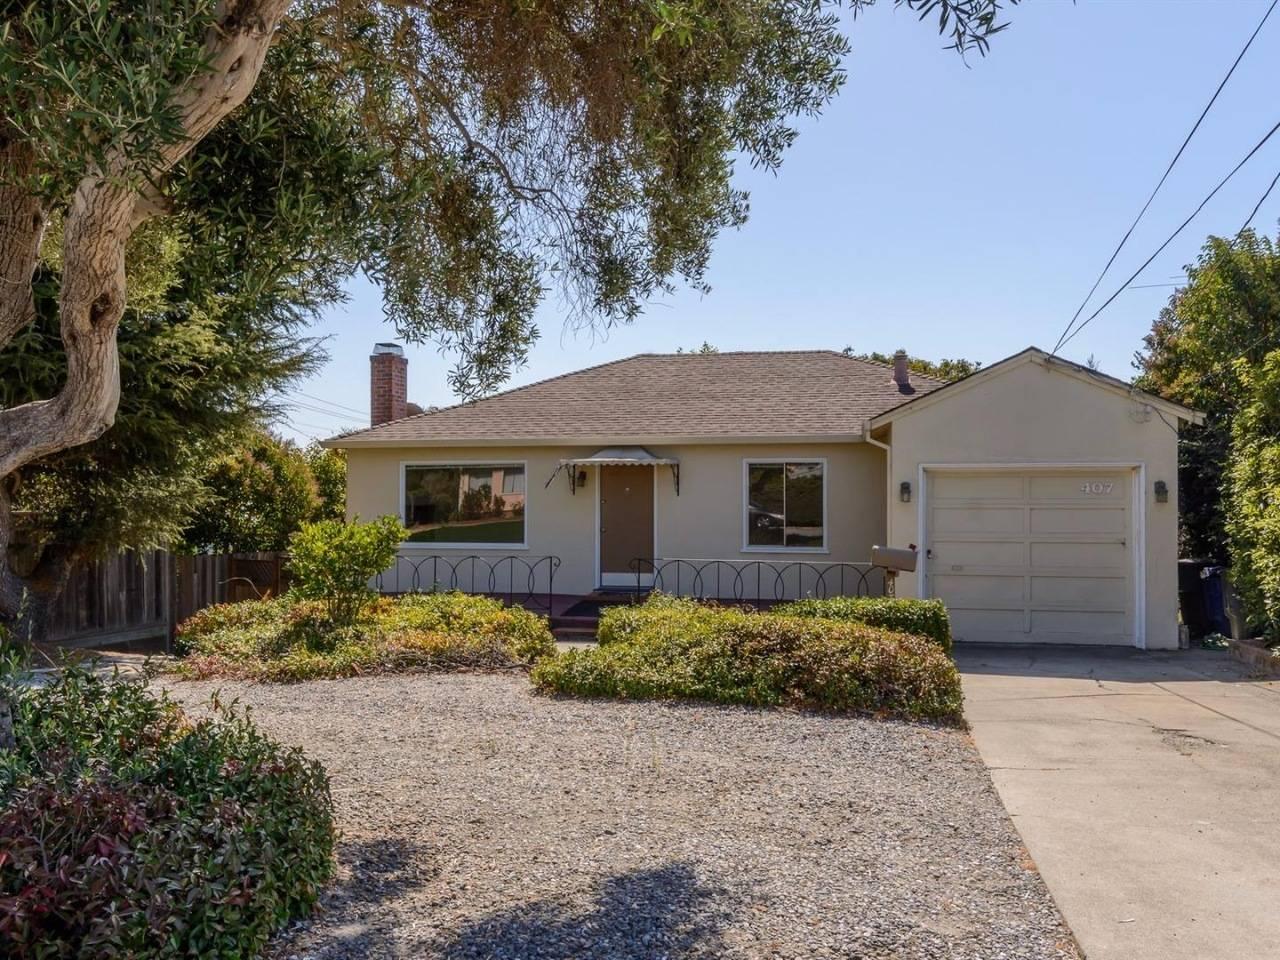 407 Lomita Ave, Millbrae, CA 94030